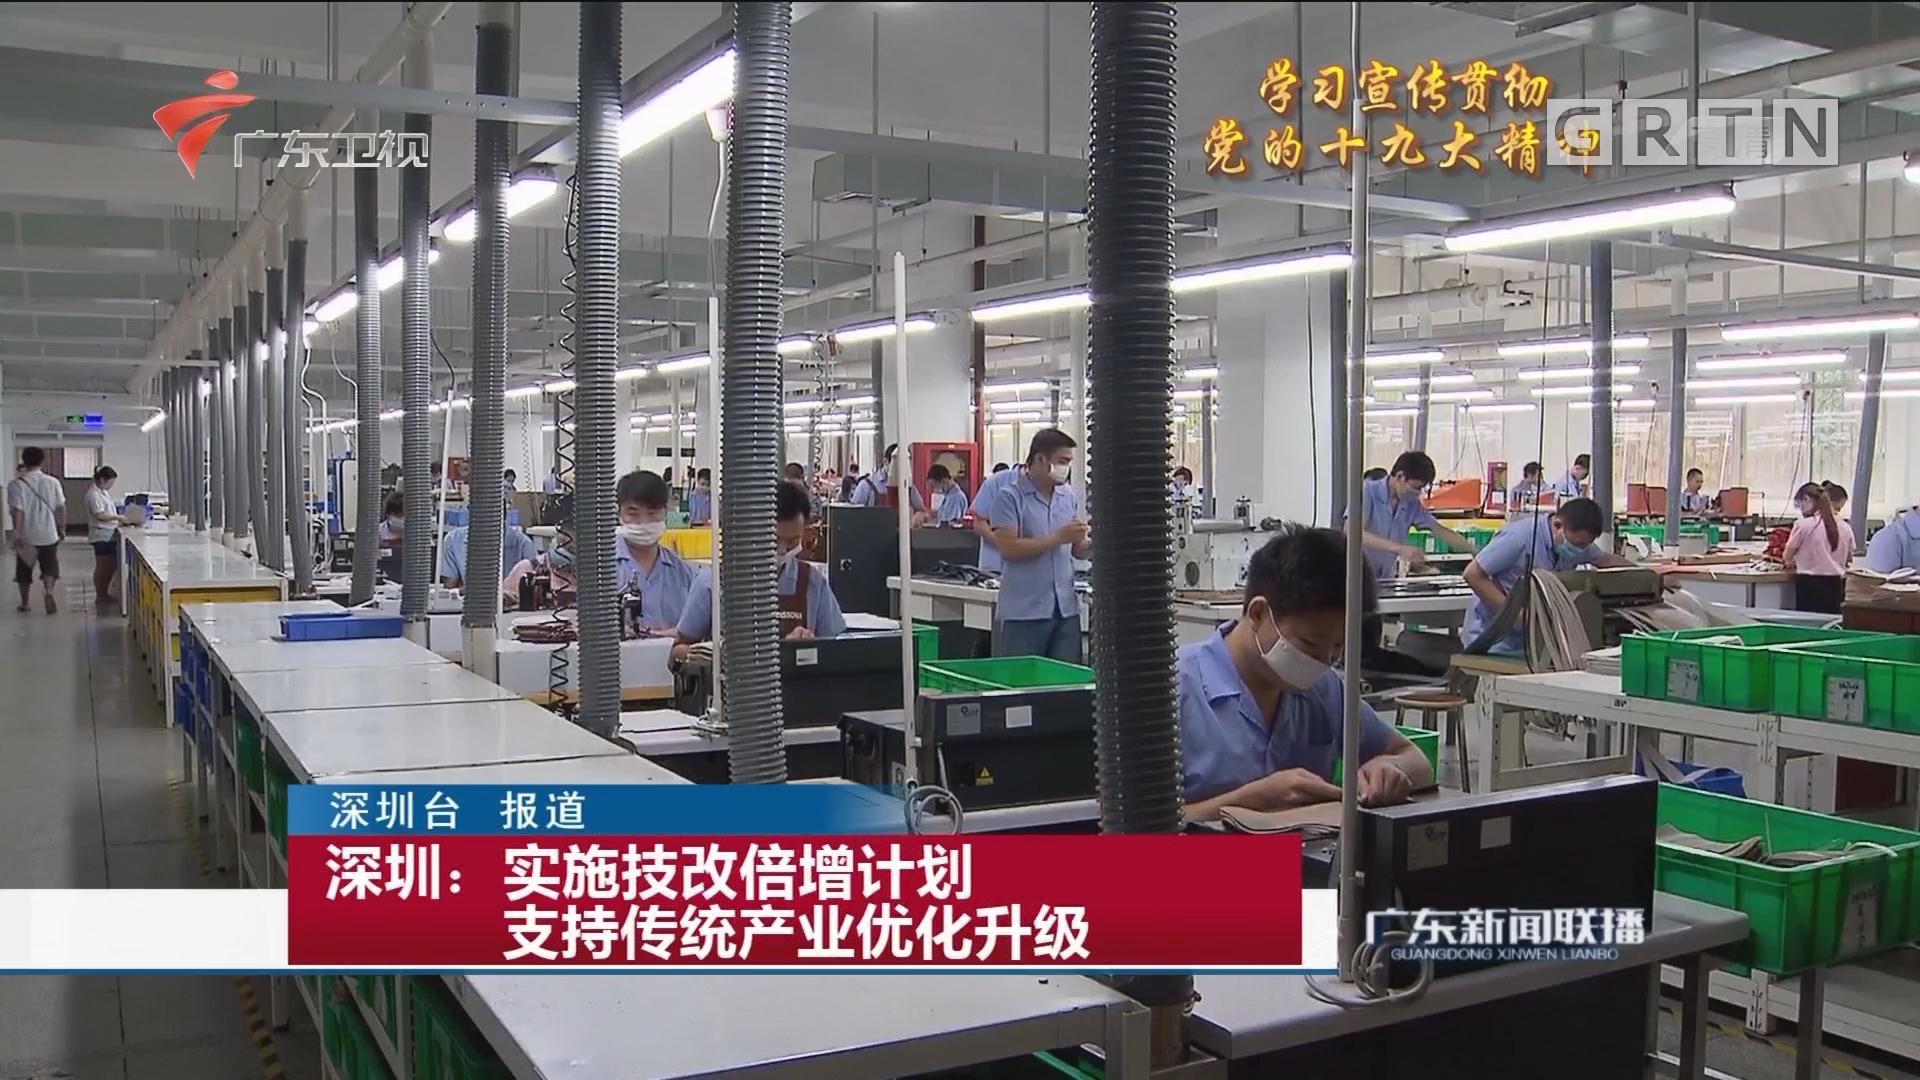 深圳:实施技改倍增计划 支持传统产业优化升级